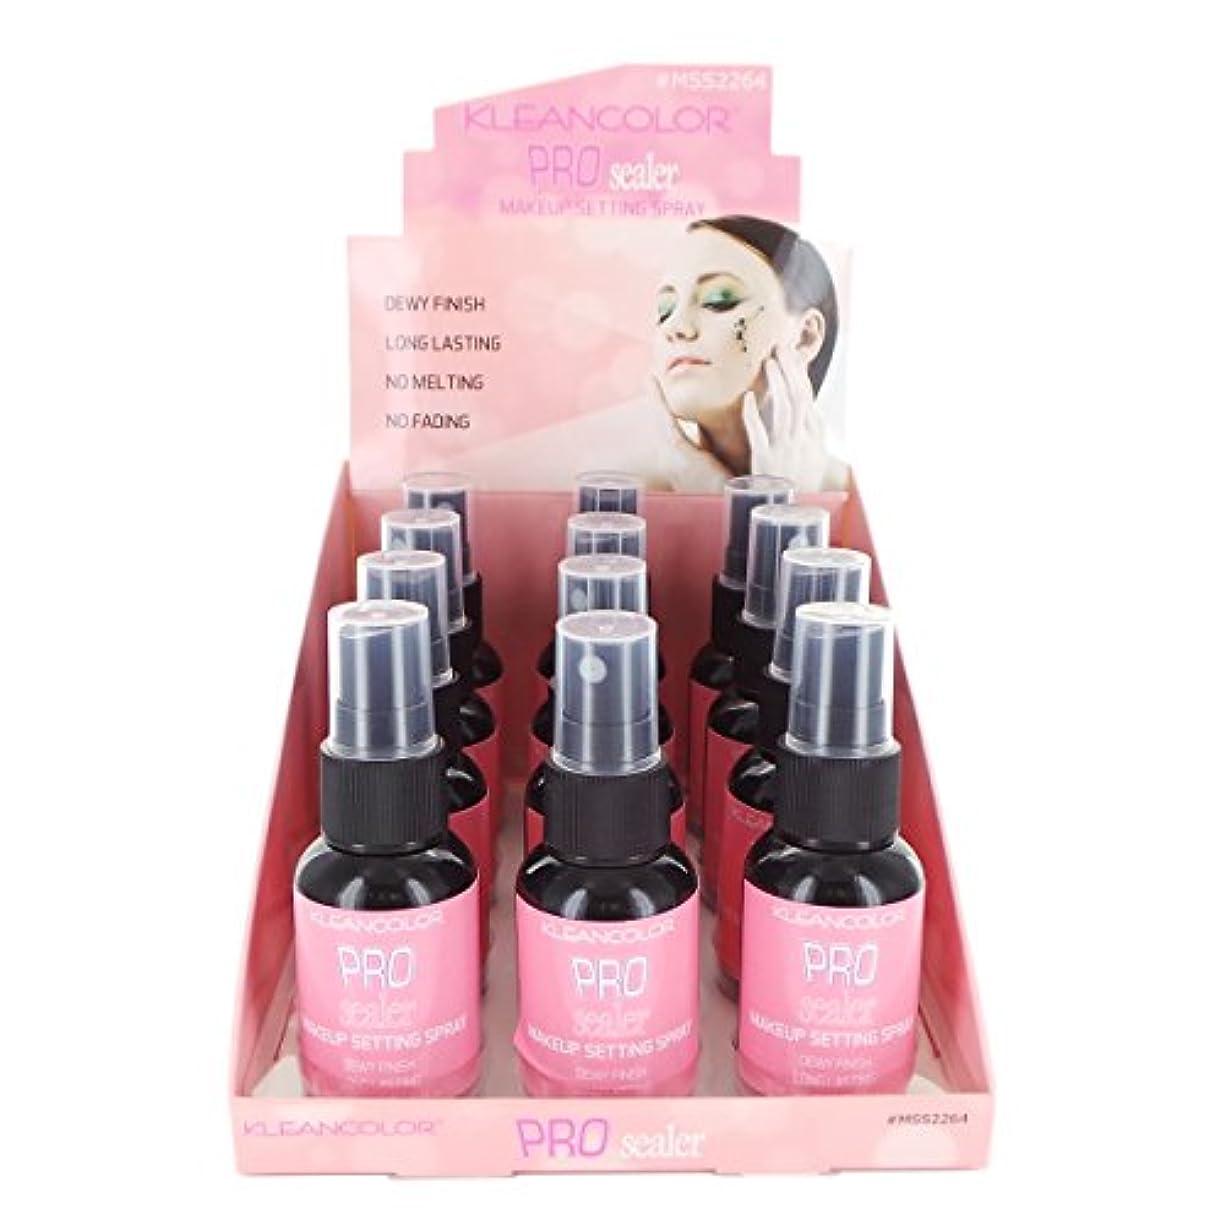 主権者夜明けチェリーKLEANCOLOR Pro Sealer Makeup Setting Spray Display Set, 12 Pieces (並行輸入品)